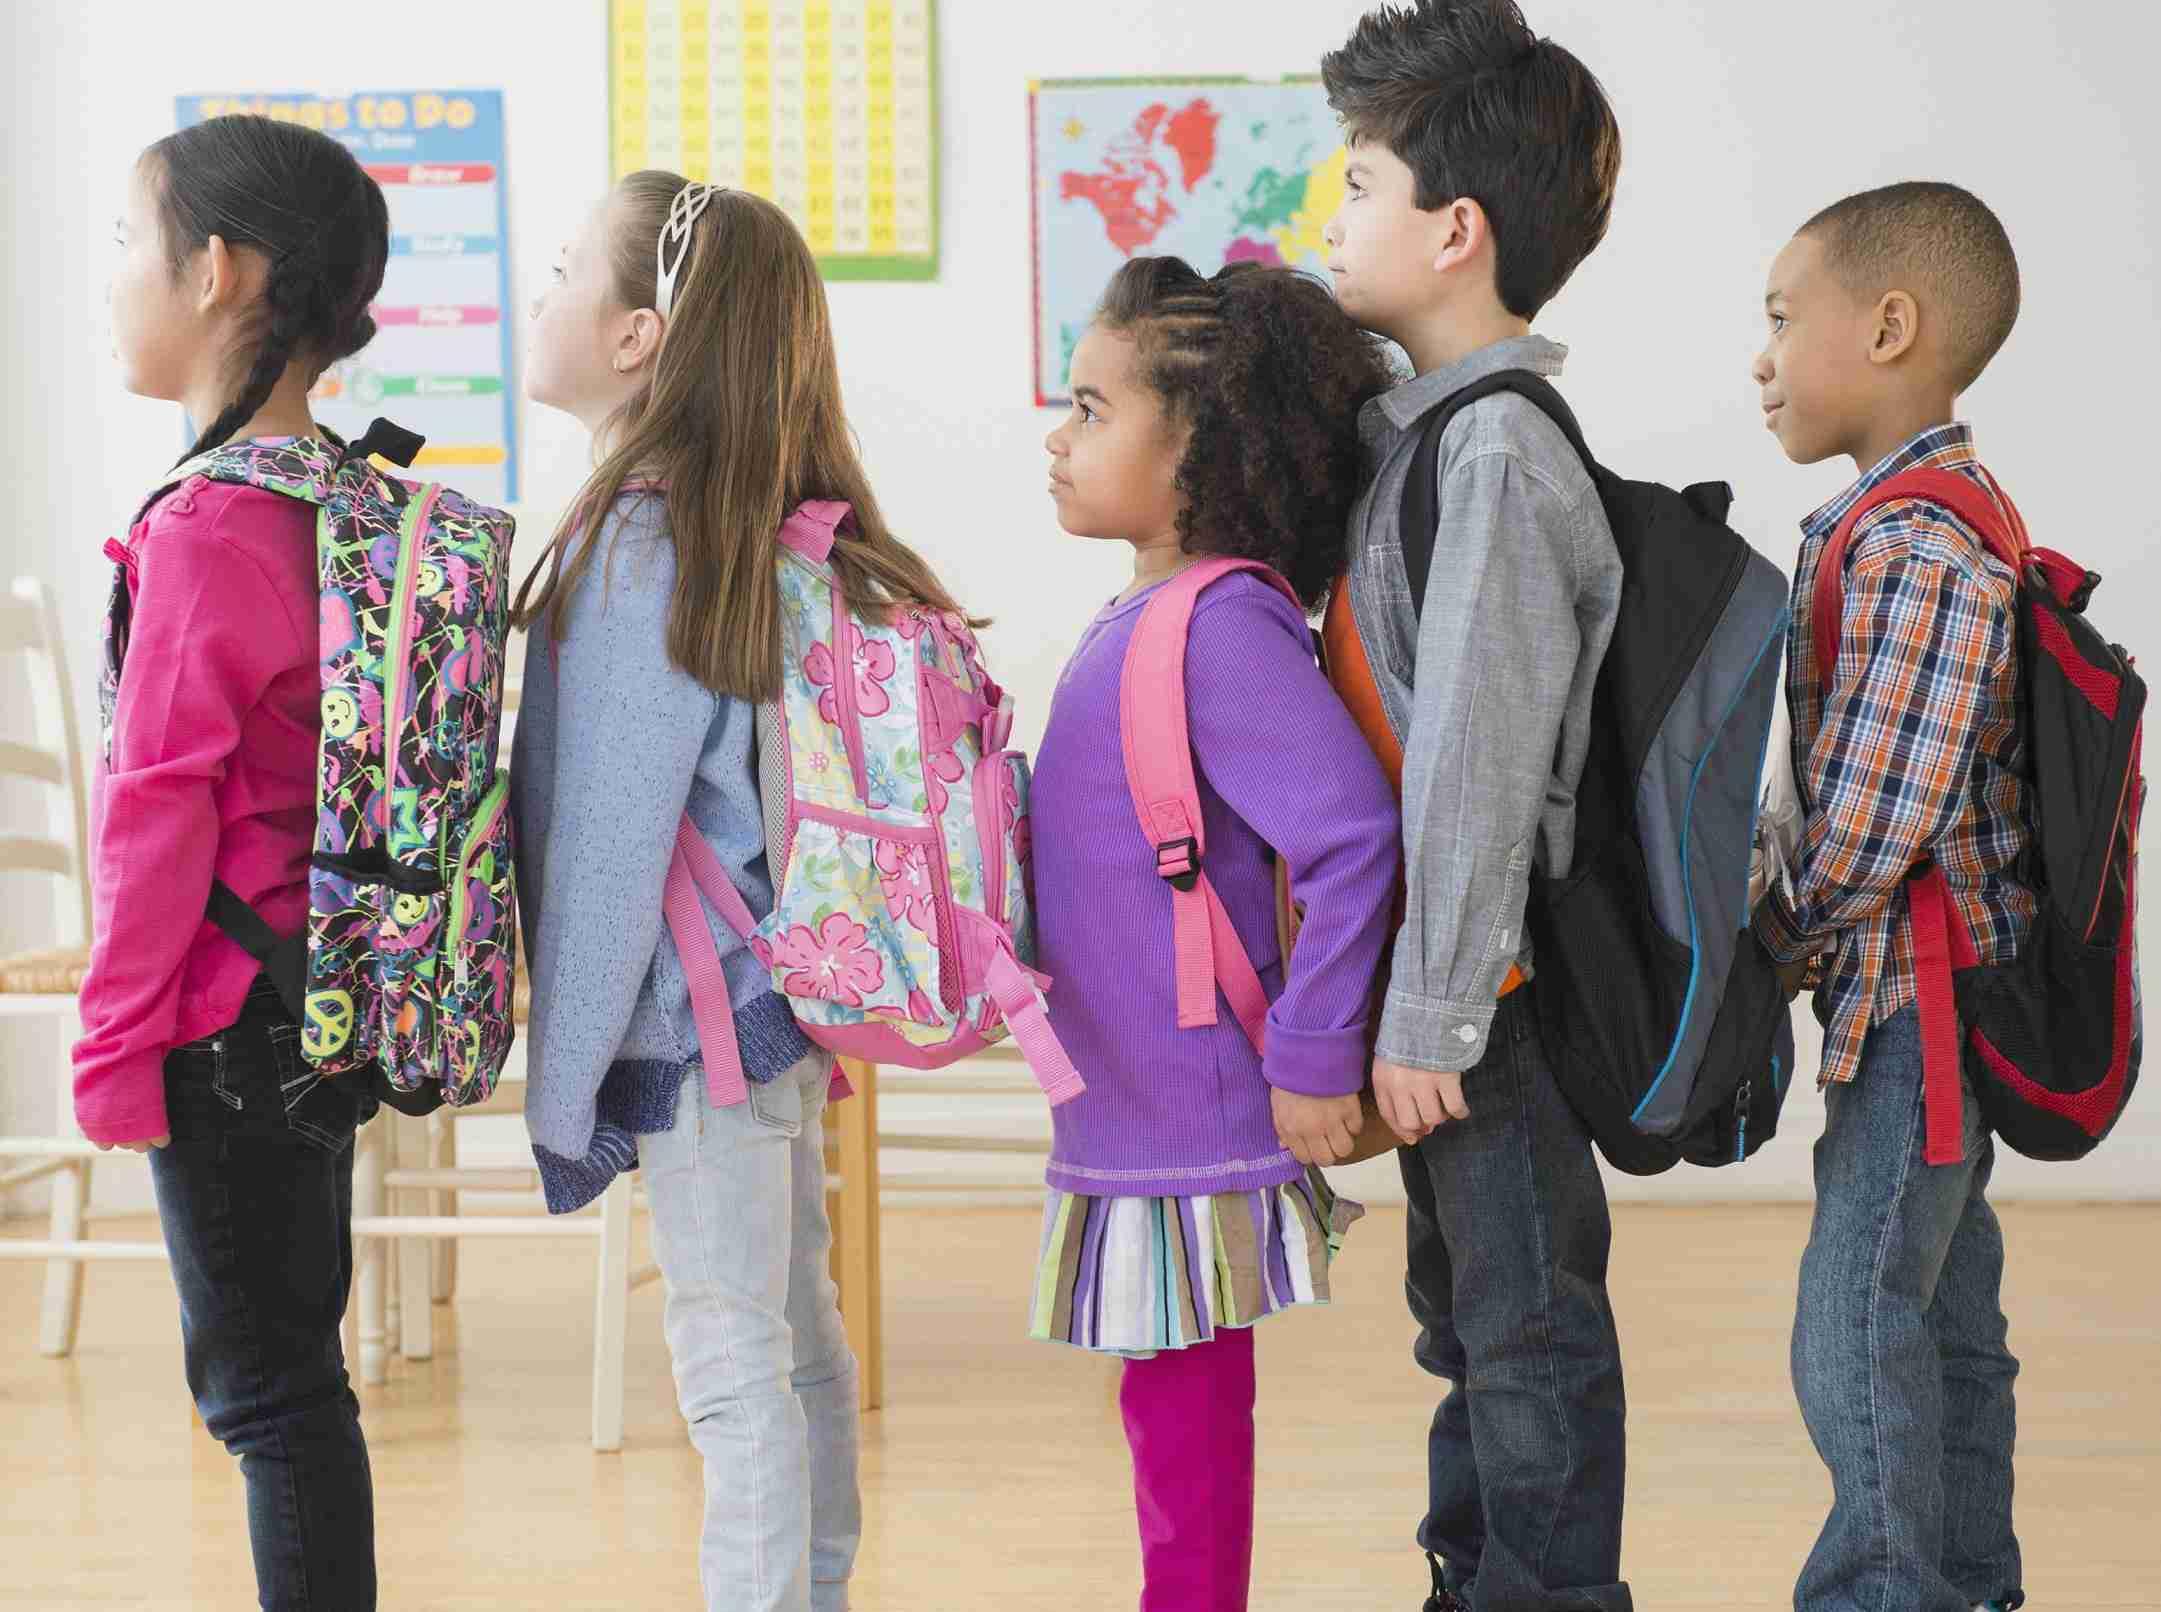 Kinder in der Klasse mit Schulrucksäcken